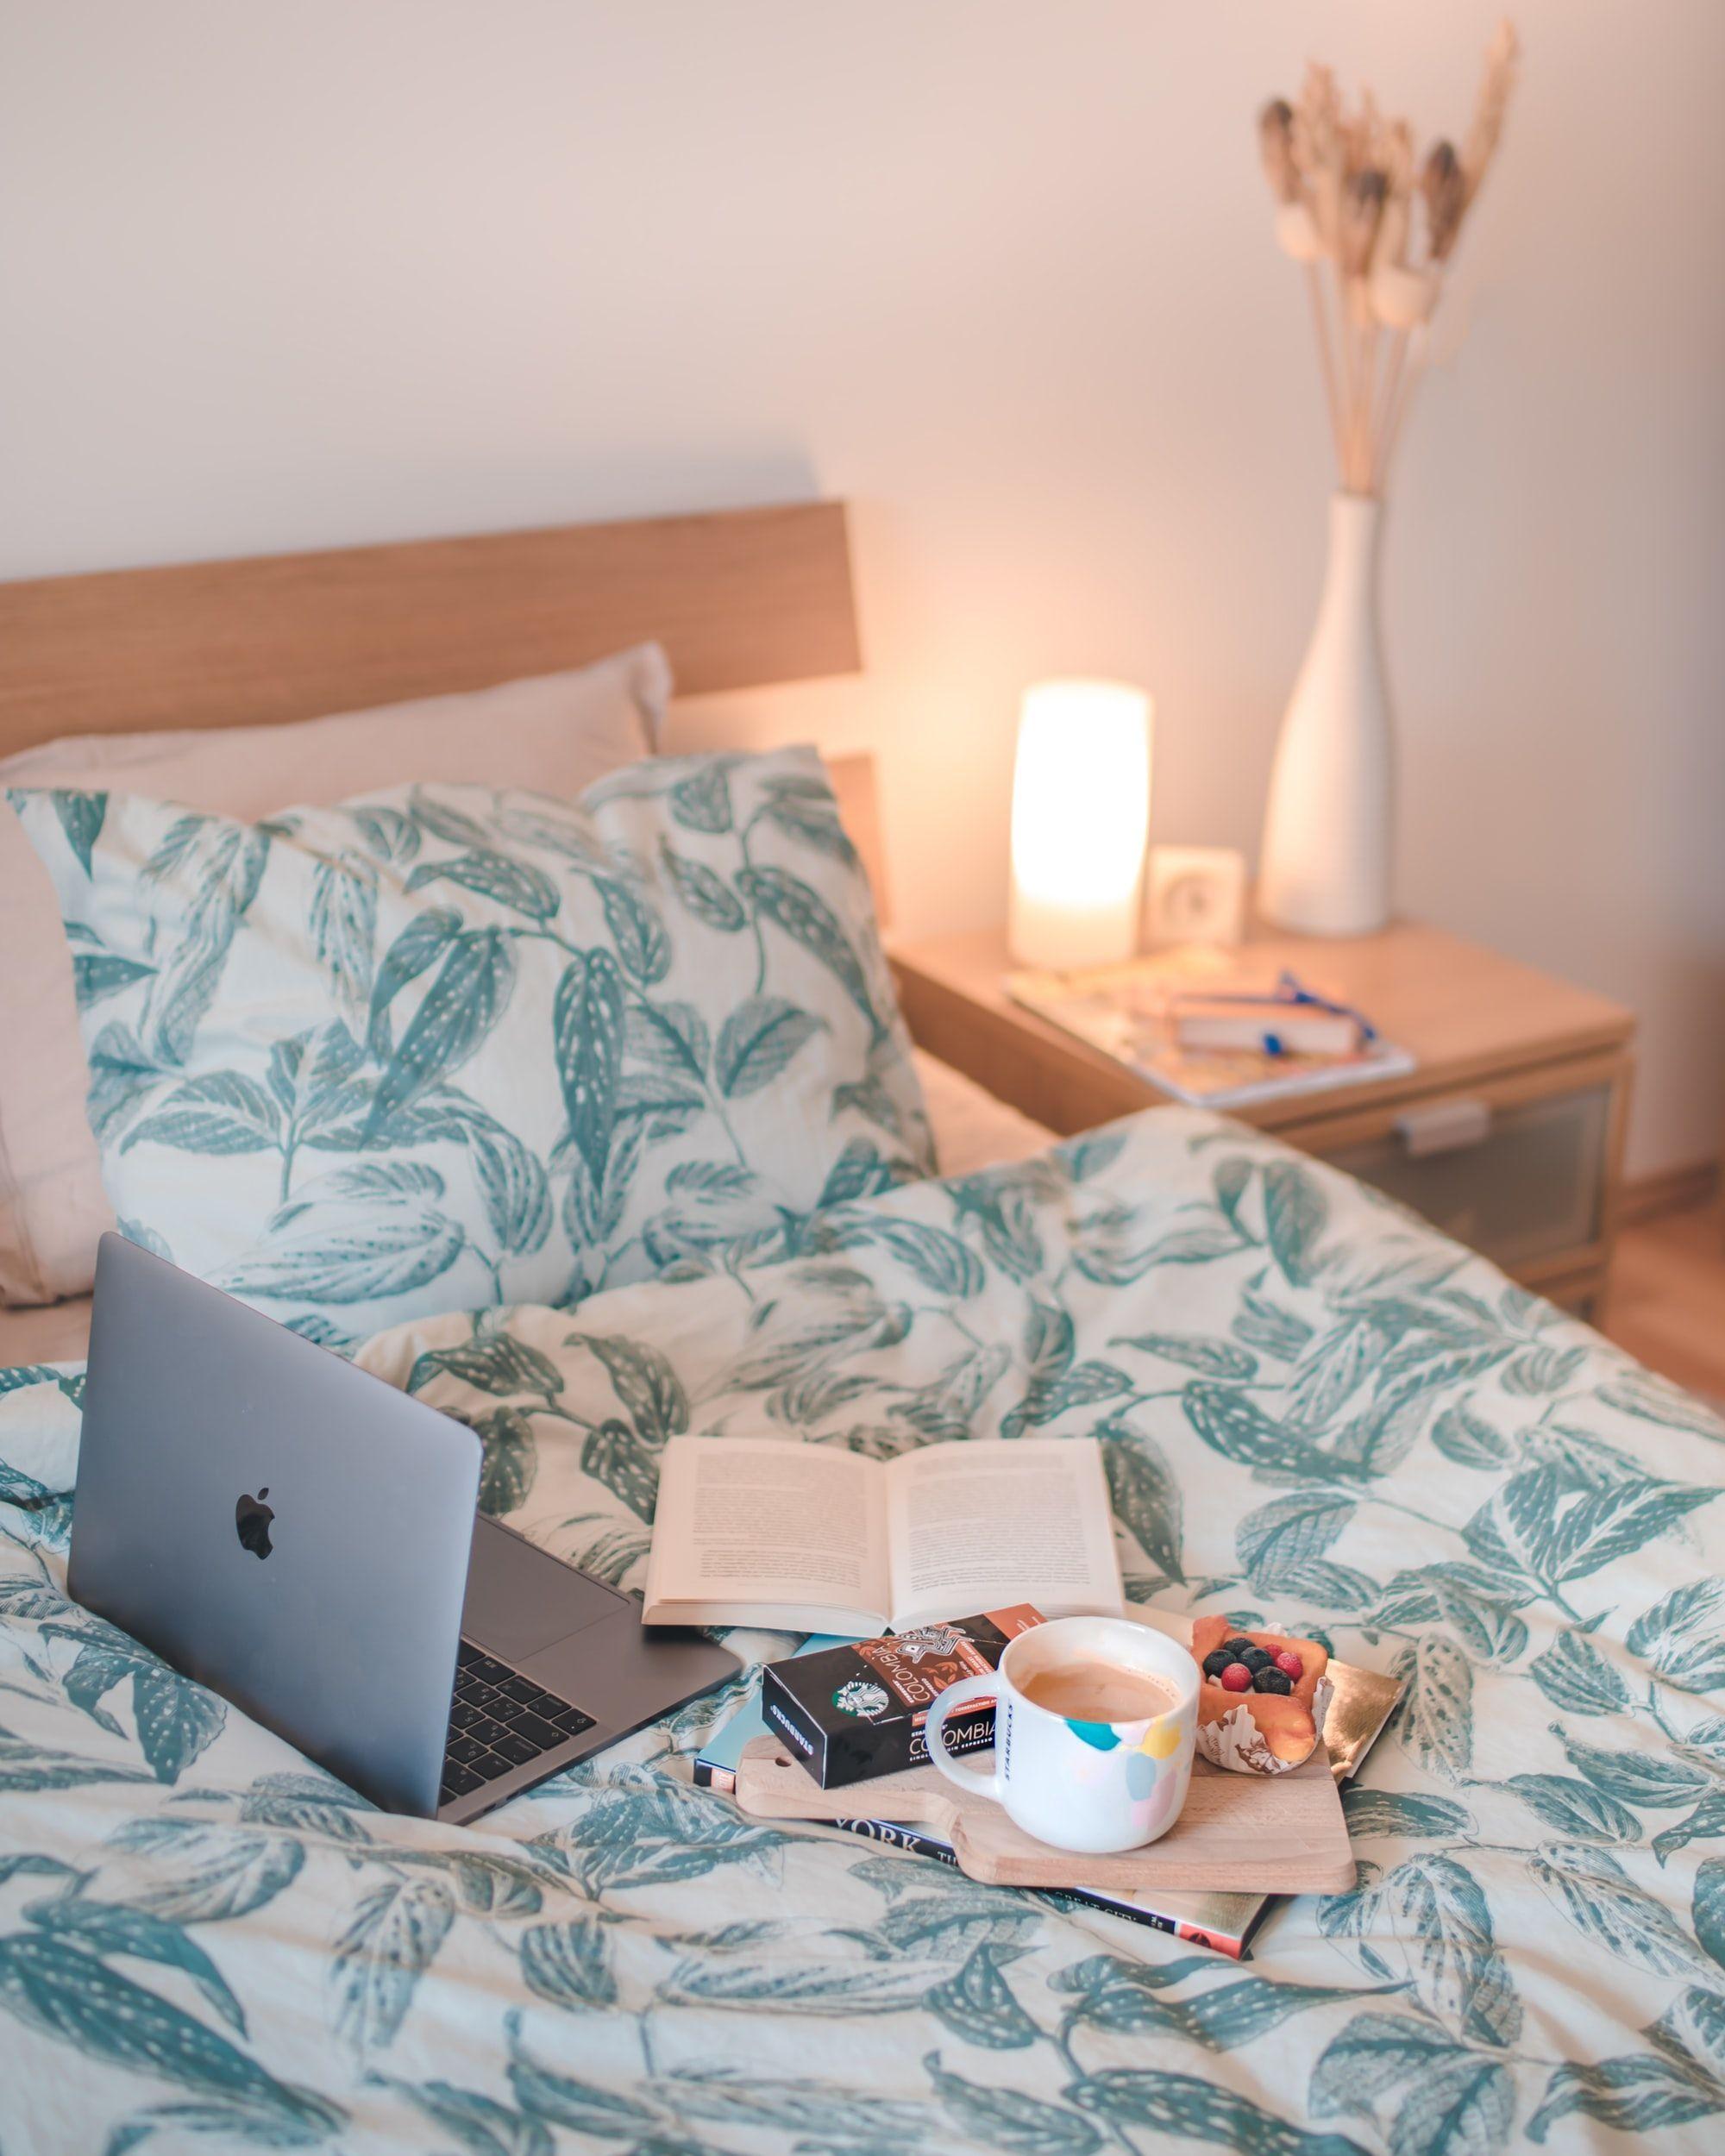 Calidez. confort y limpieza, básicos para conseguir aumentar tus reservas online para tu negocio de alojamiento rural #InteriorismoyDiseño #TurismoRural @Utrillanais